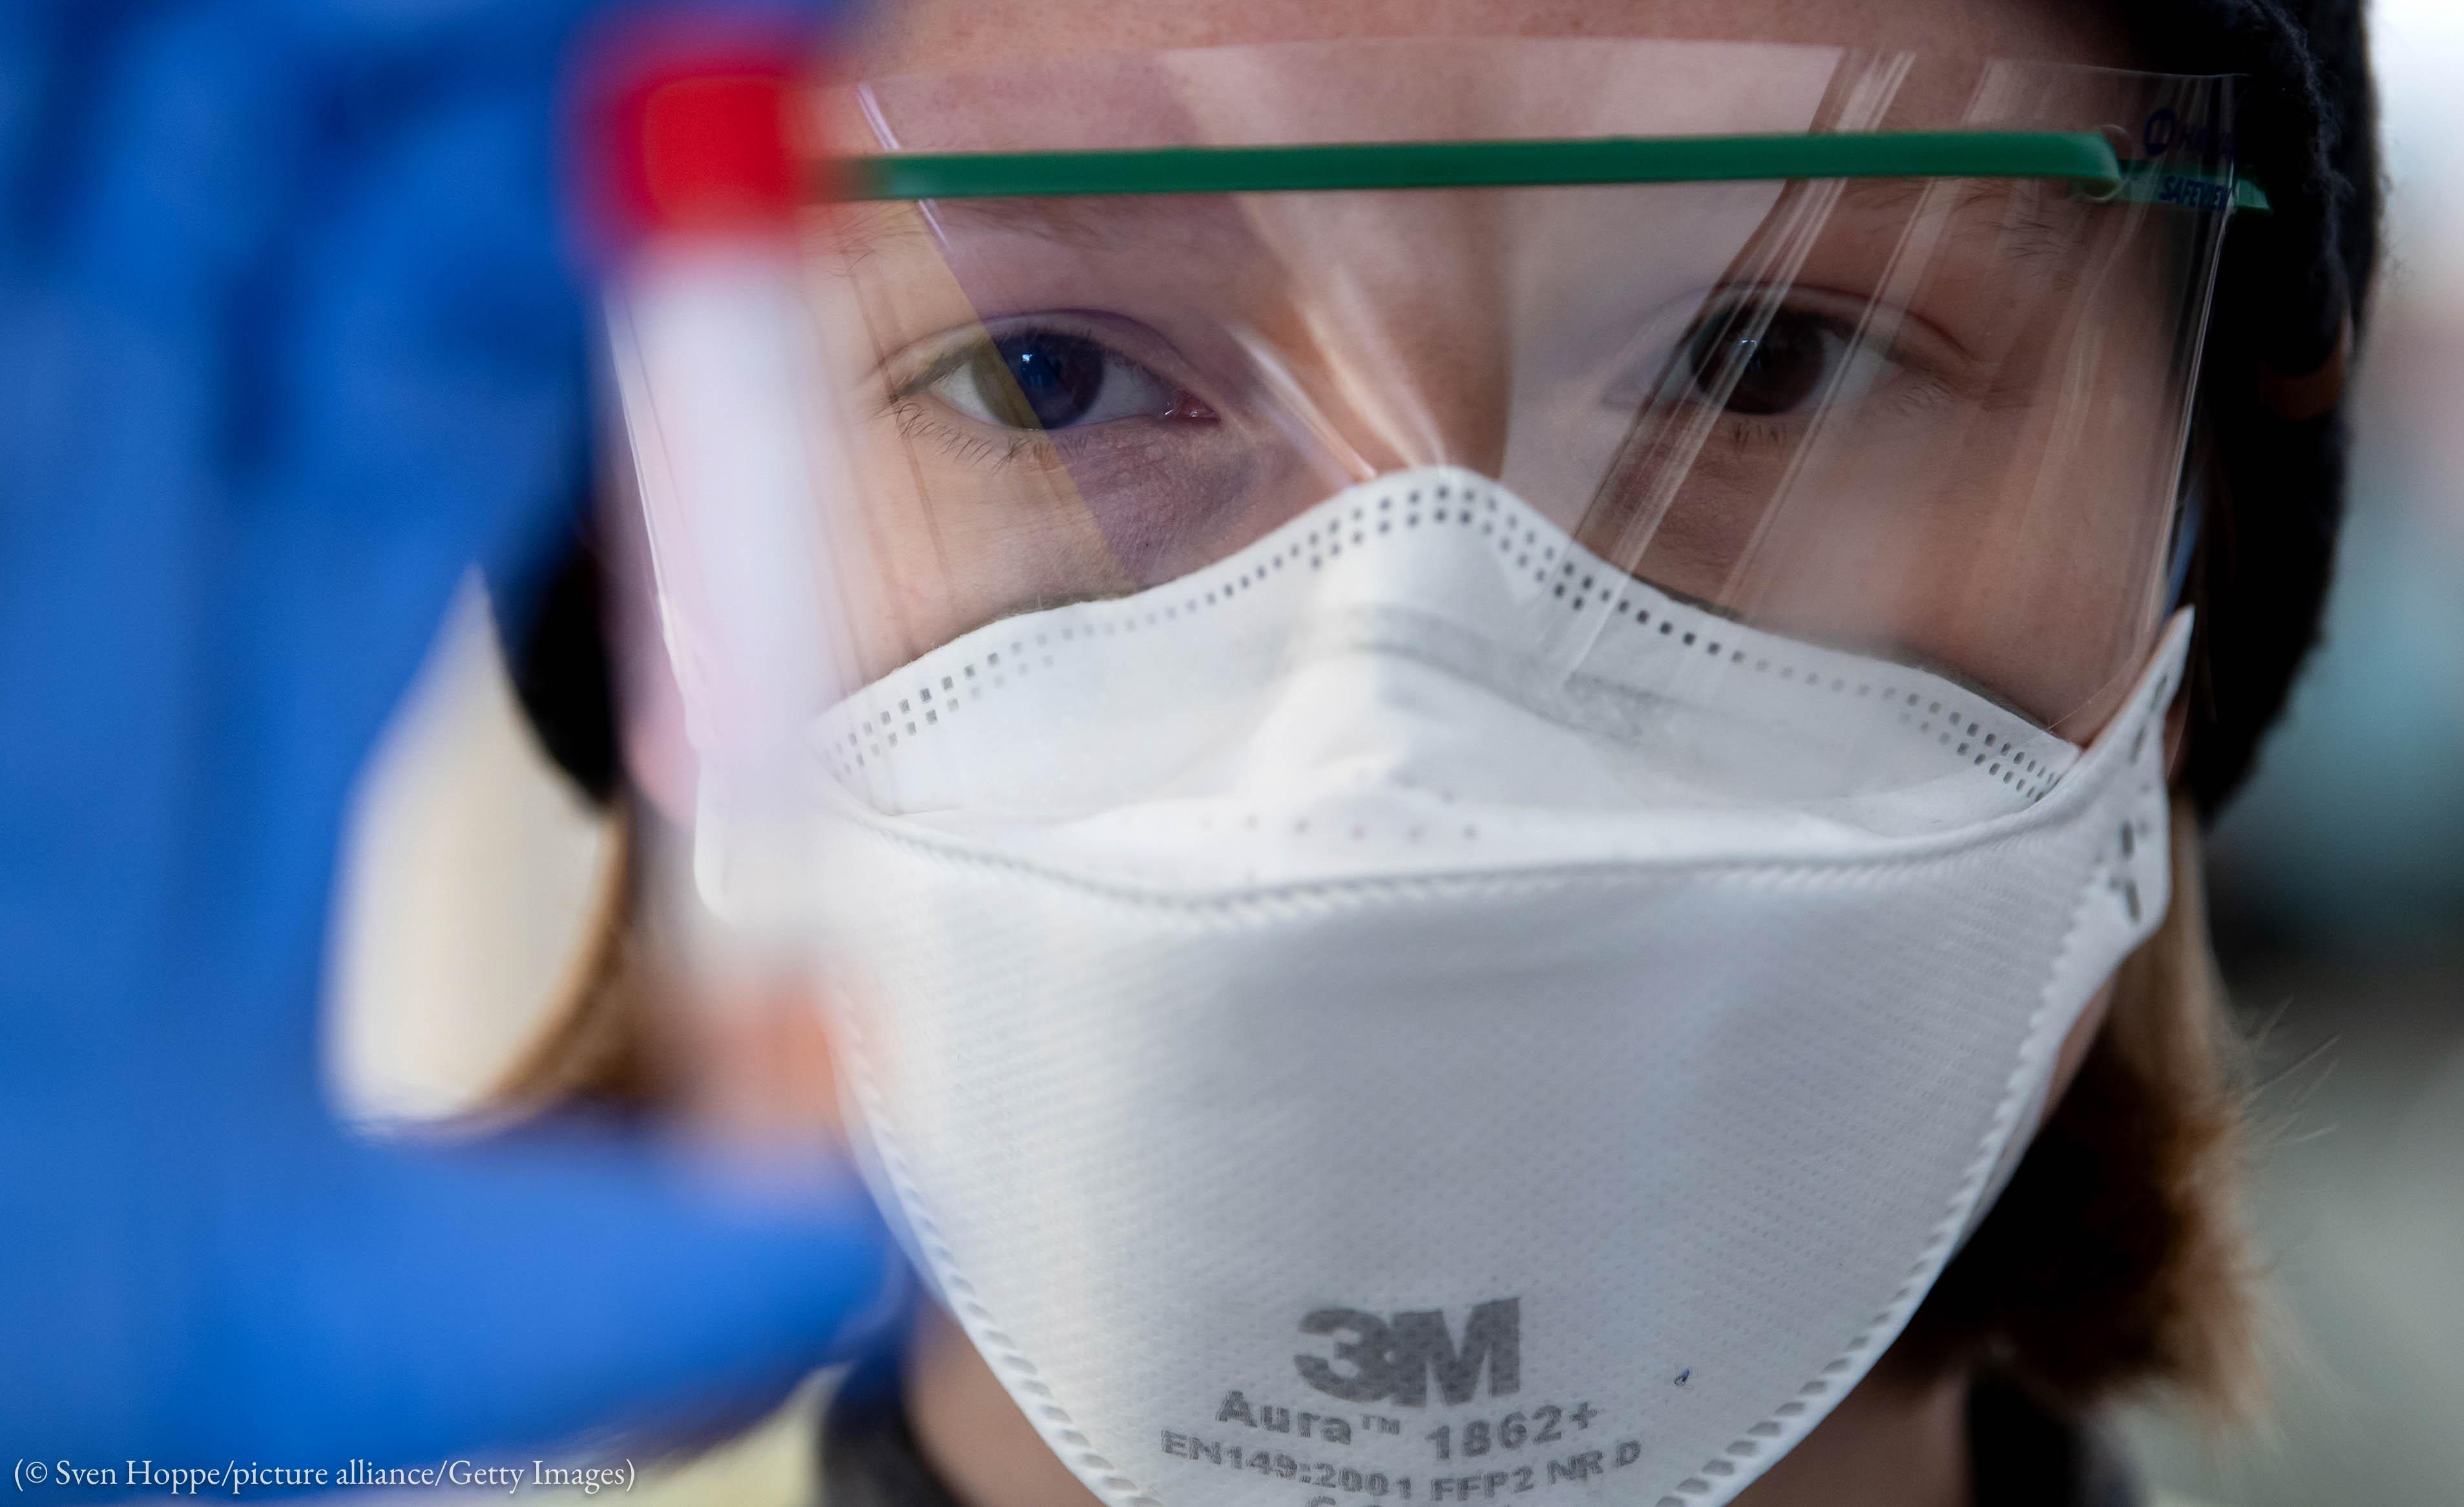 چہرے پر ماسک چڑہائے امتحانی نلکی کو دیکھتا ہوا ایک شخص۔ (Sven Hoppe/picture alliance via Getty Images)